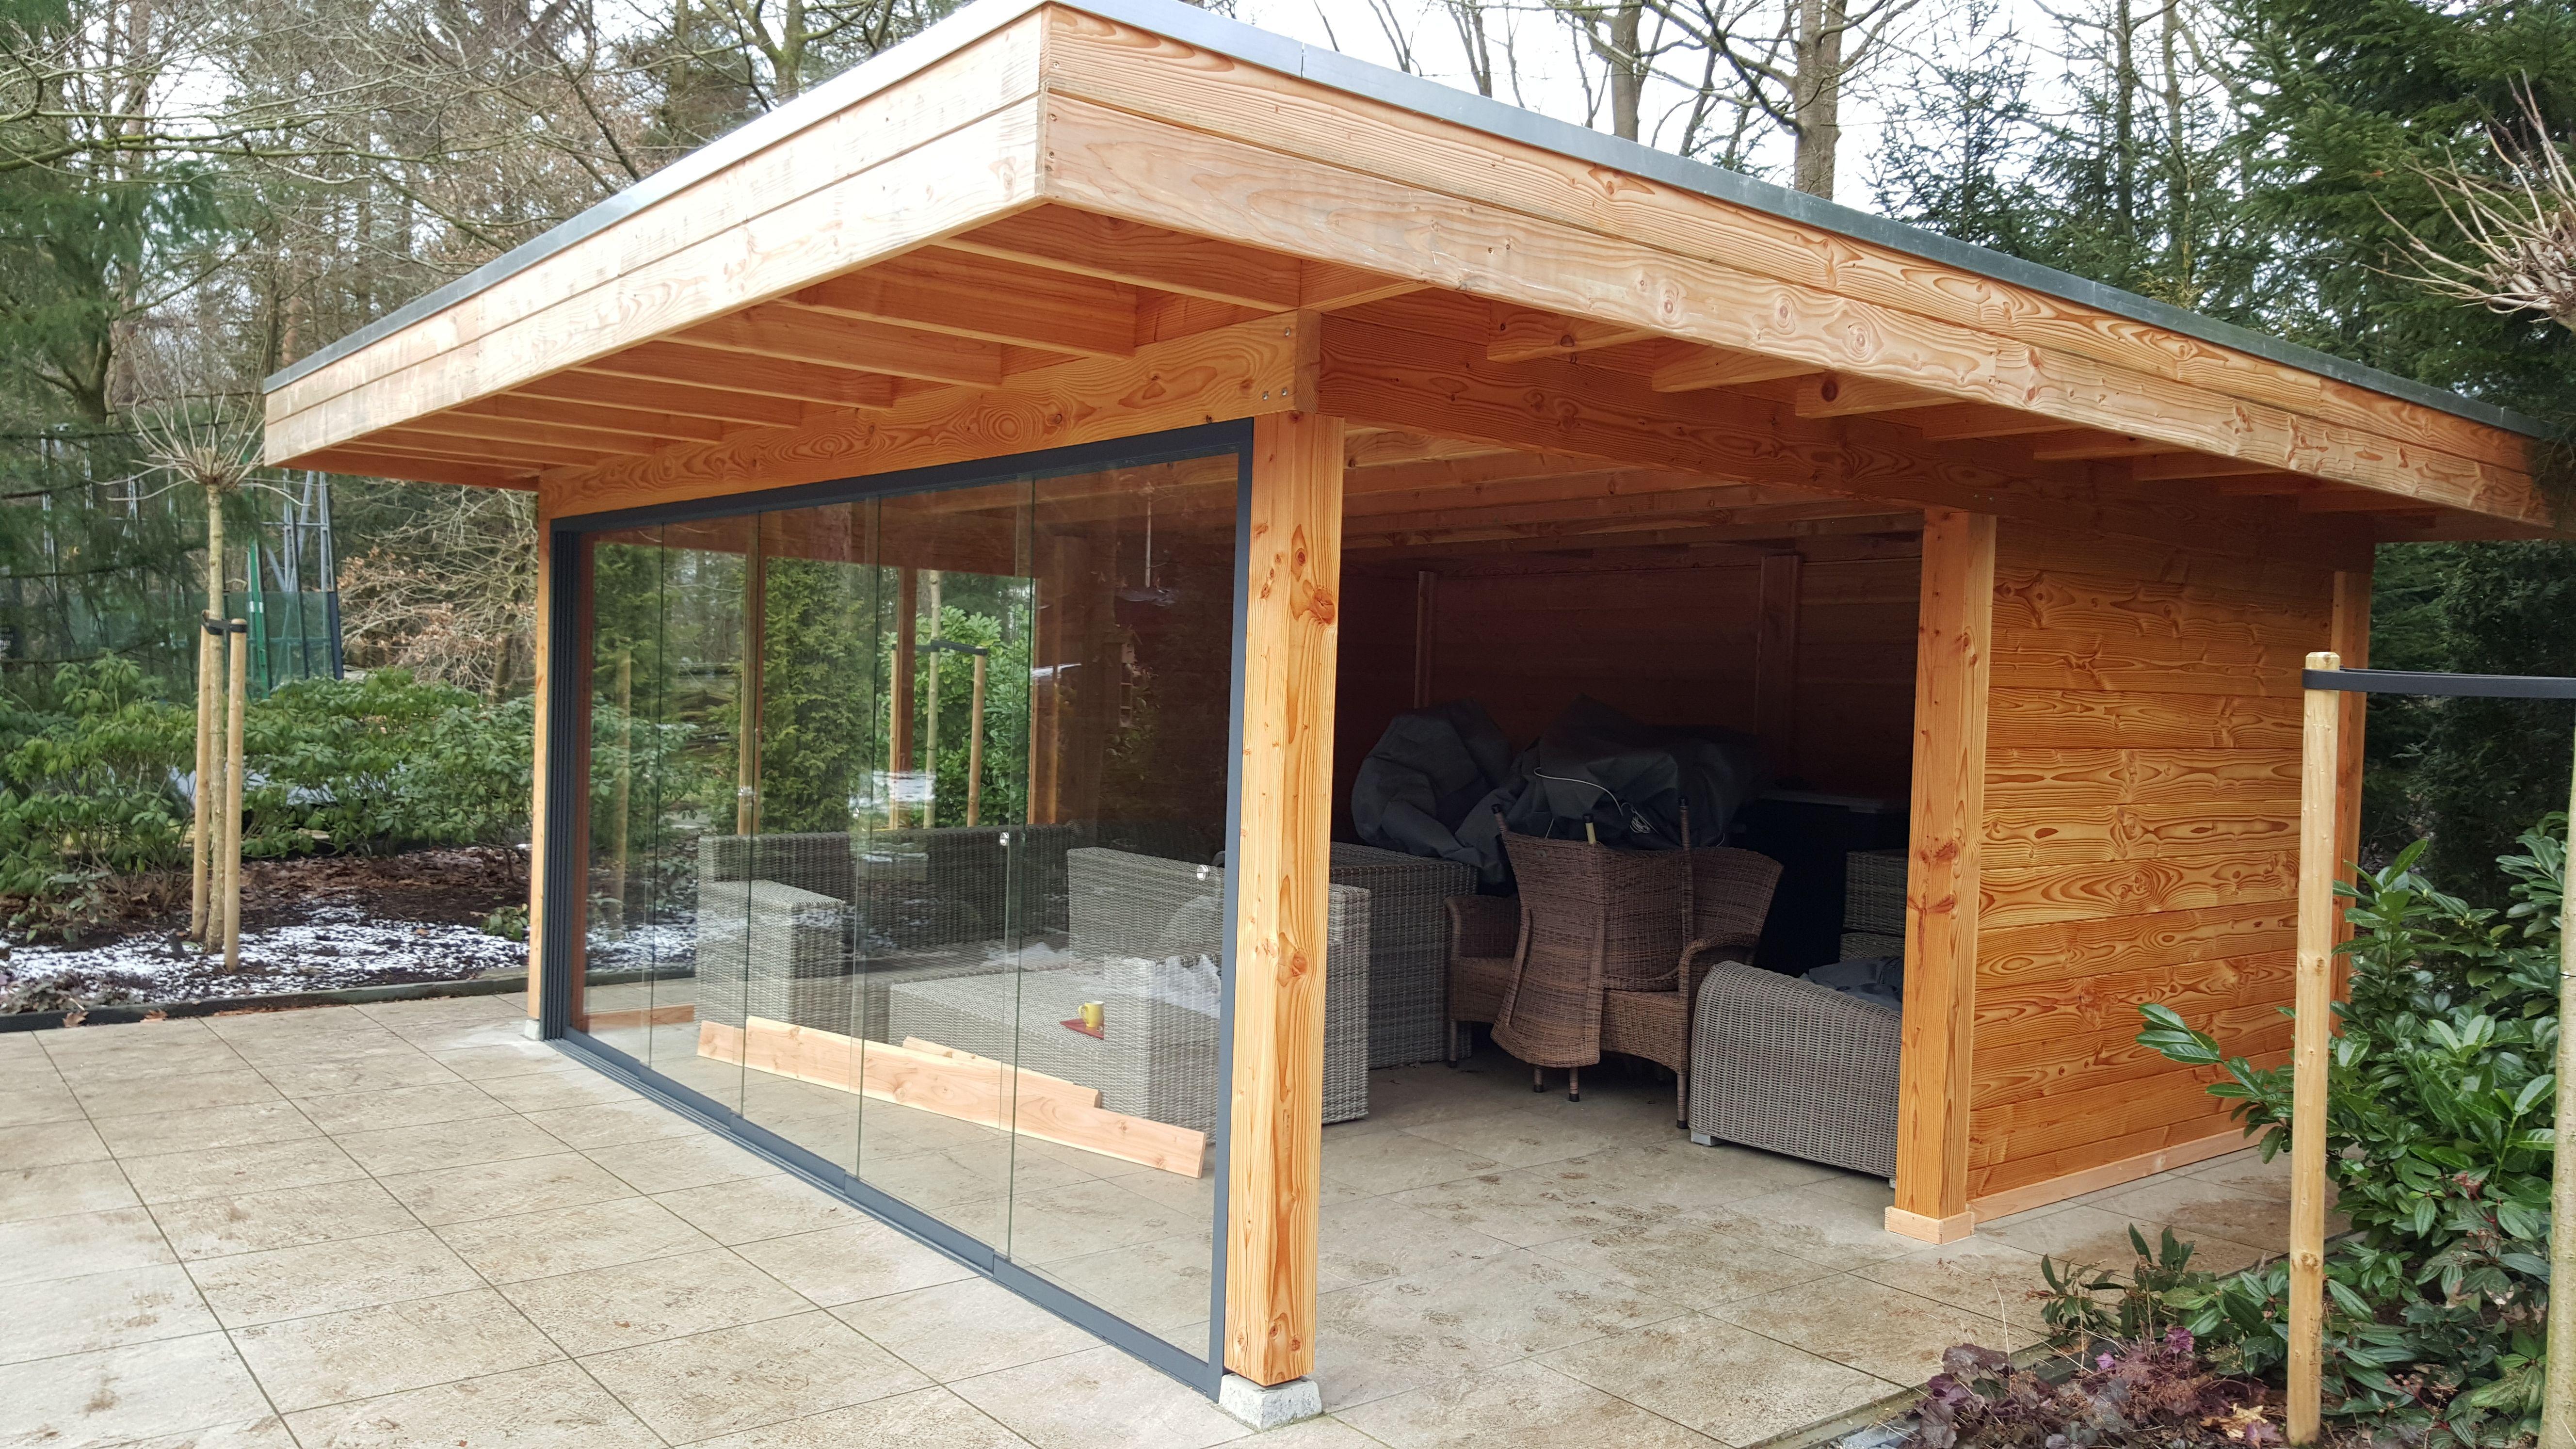 douglas houten overkapping plat dak glasschuifwand